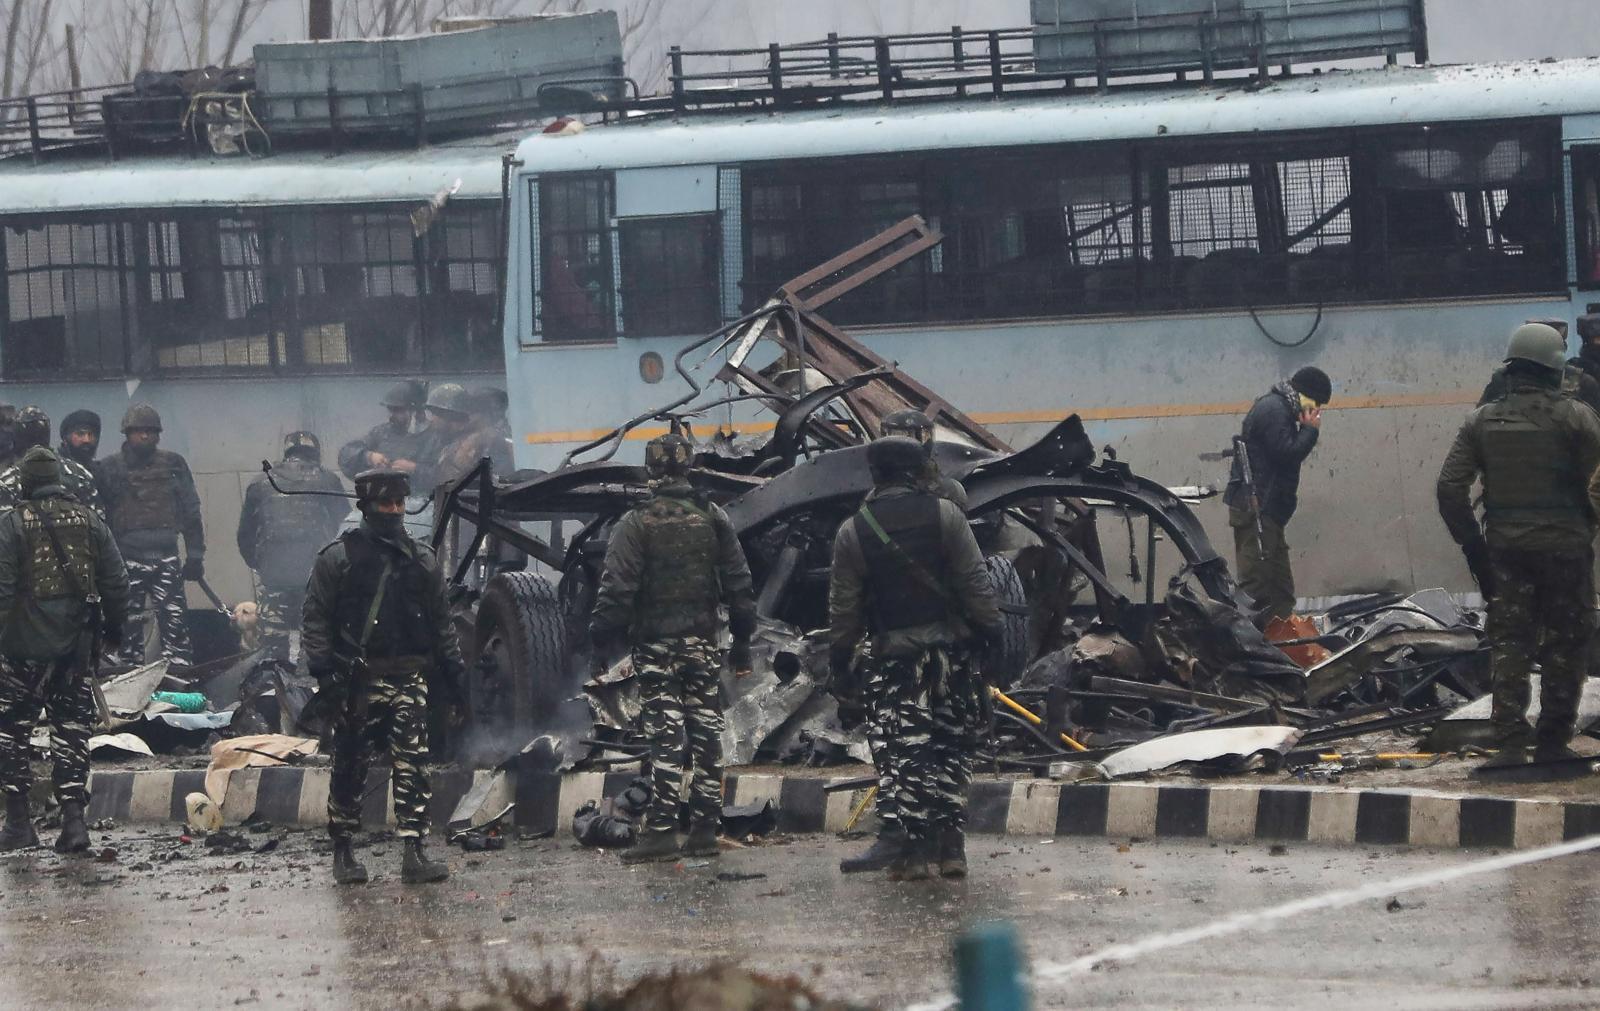 คารบอมบ์ถล่มขบวนรถทหารอินเดียในแคชเมียร์